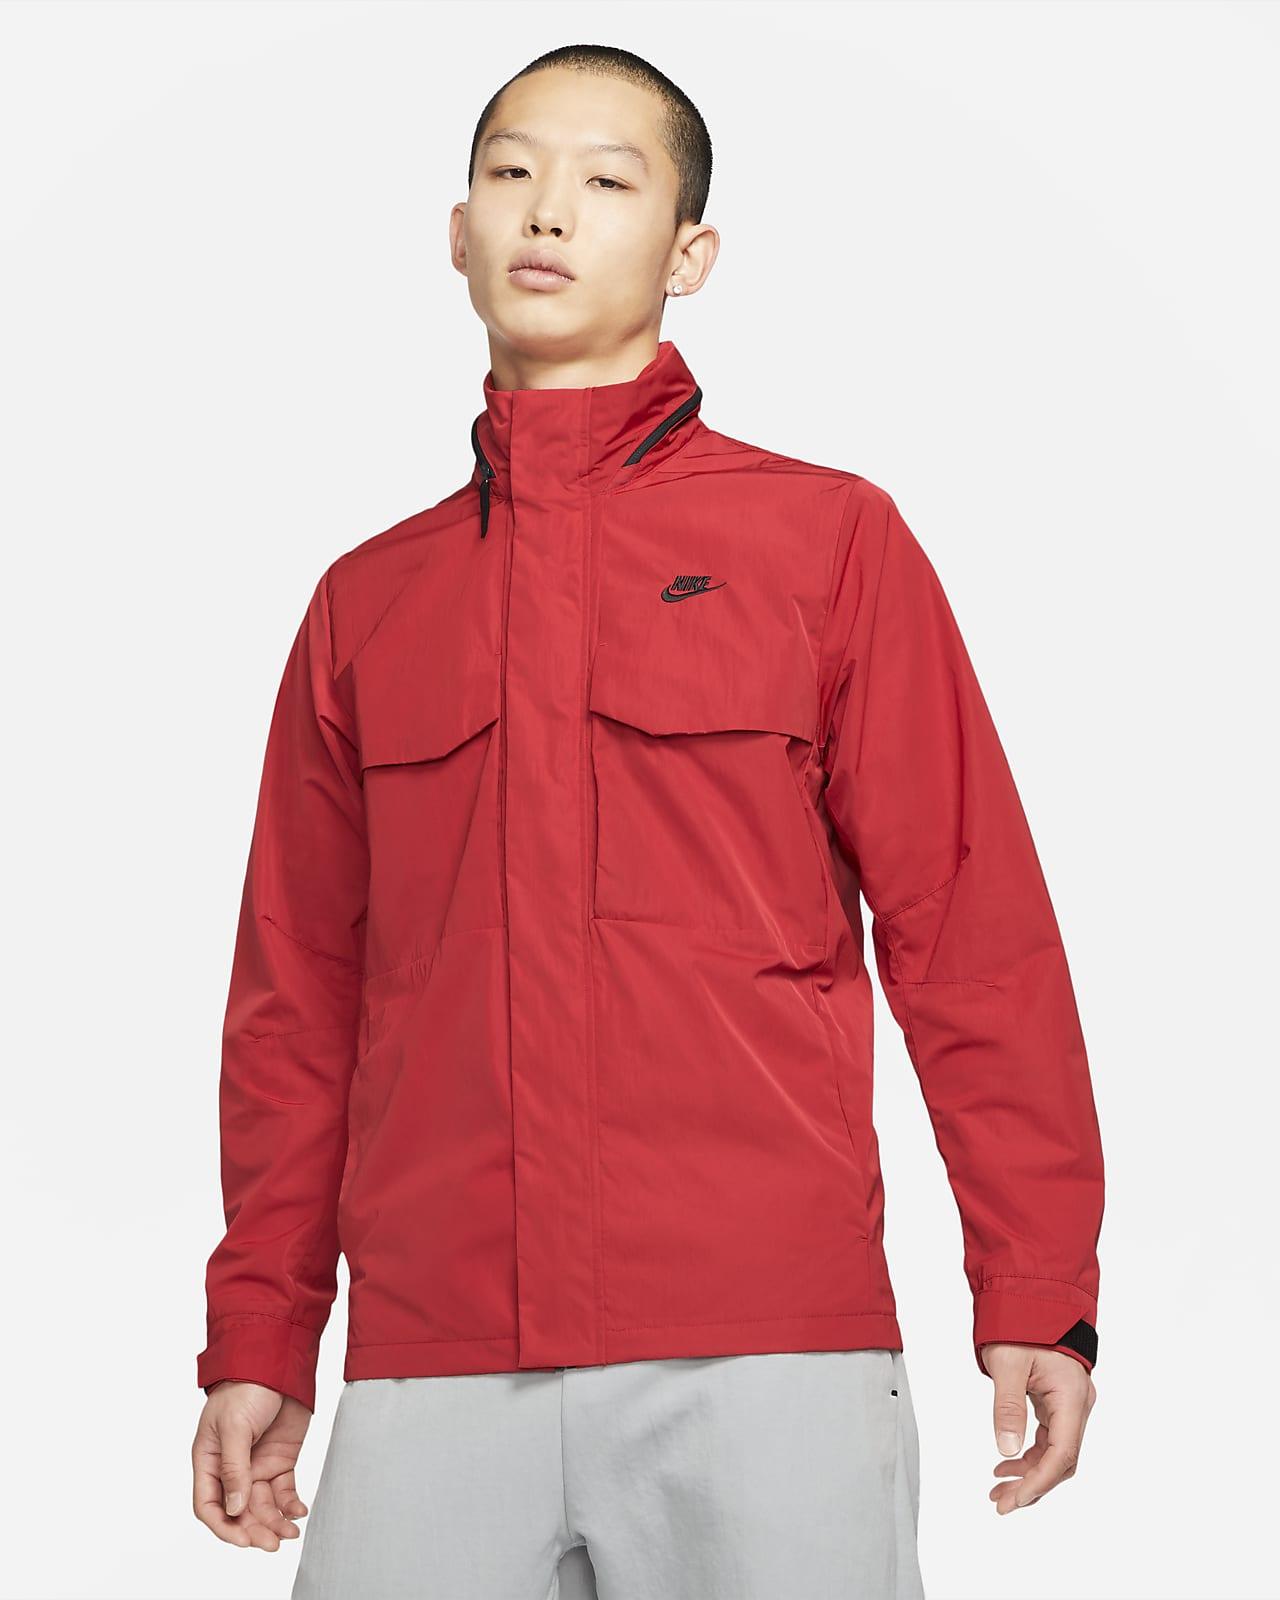 เสื้อแจ็คเก็ตมีฮู้ดผู้ชาย M65 Nike Sportswear